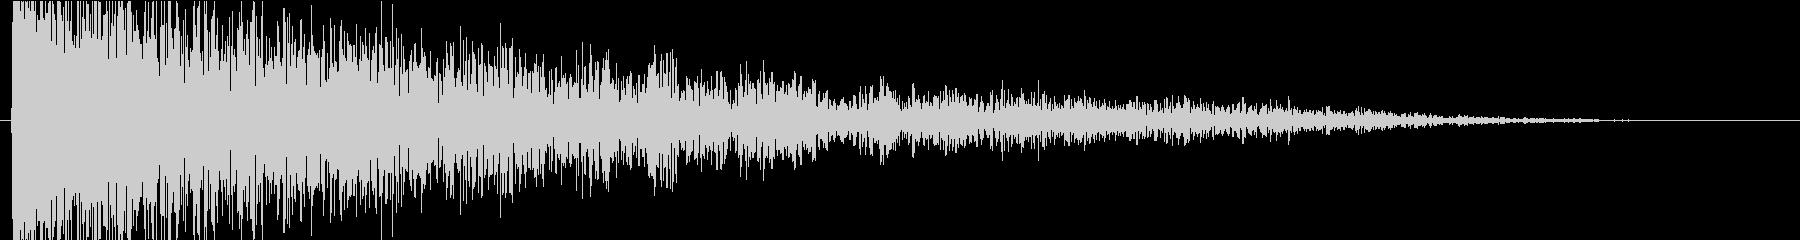 ドーン(巨大な衝撃音)音程C#onD#の未再生の波形